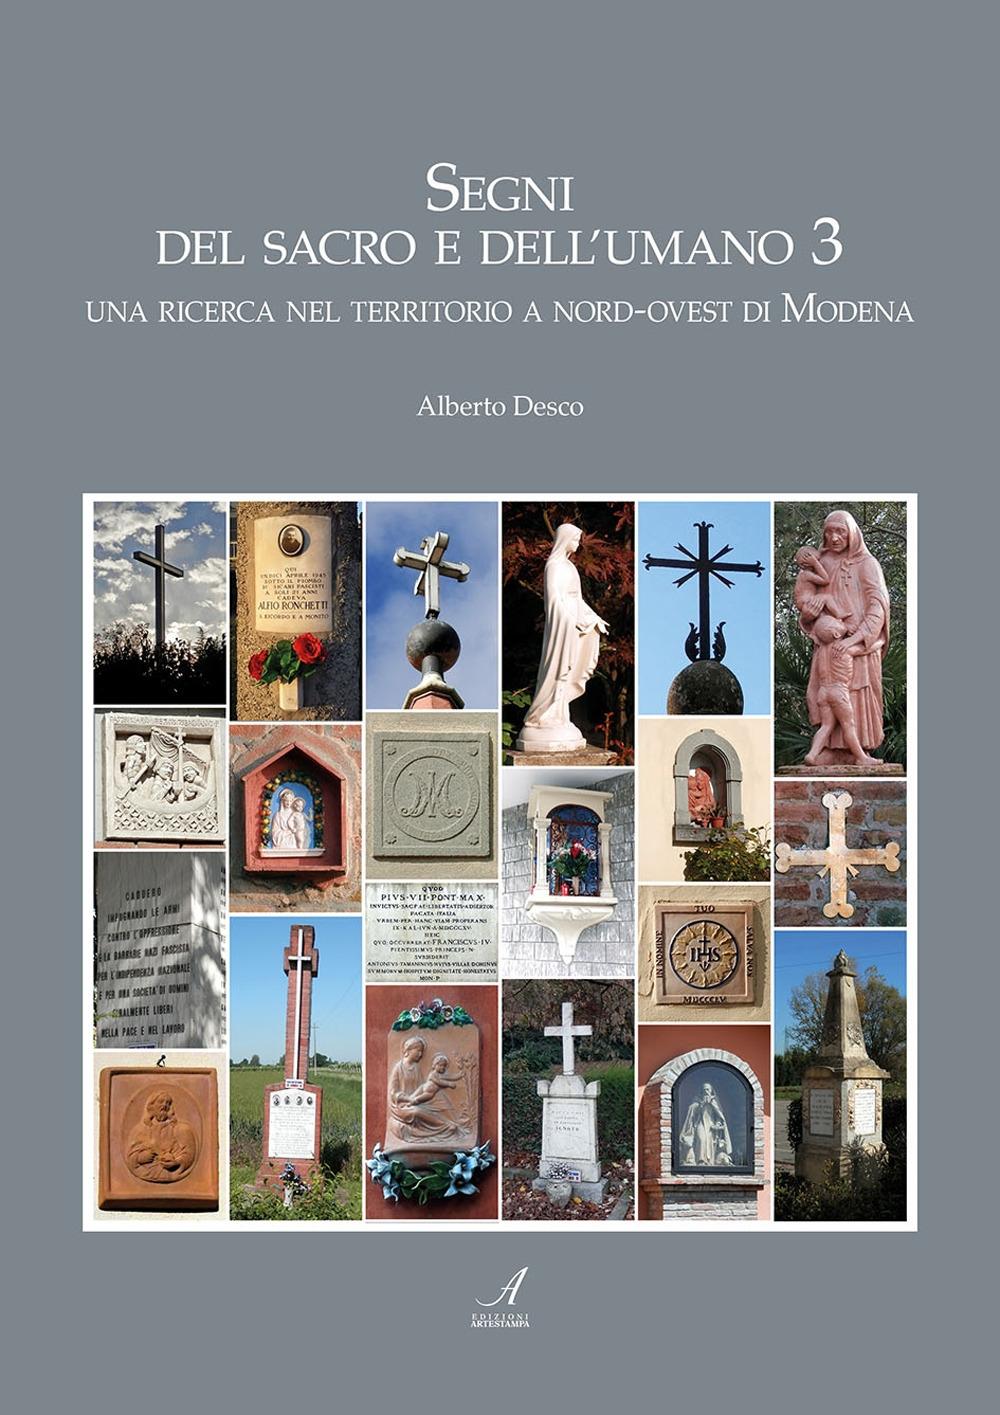 Segni del sacro e dell'umano. Una ricerca nel territorio a sud-est di Modena. Vol. 3